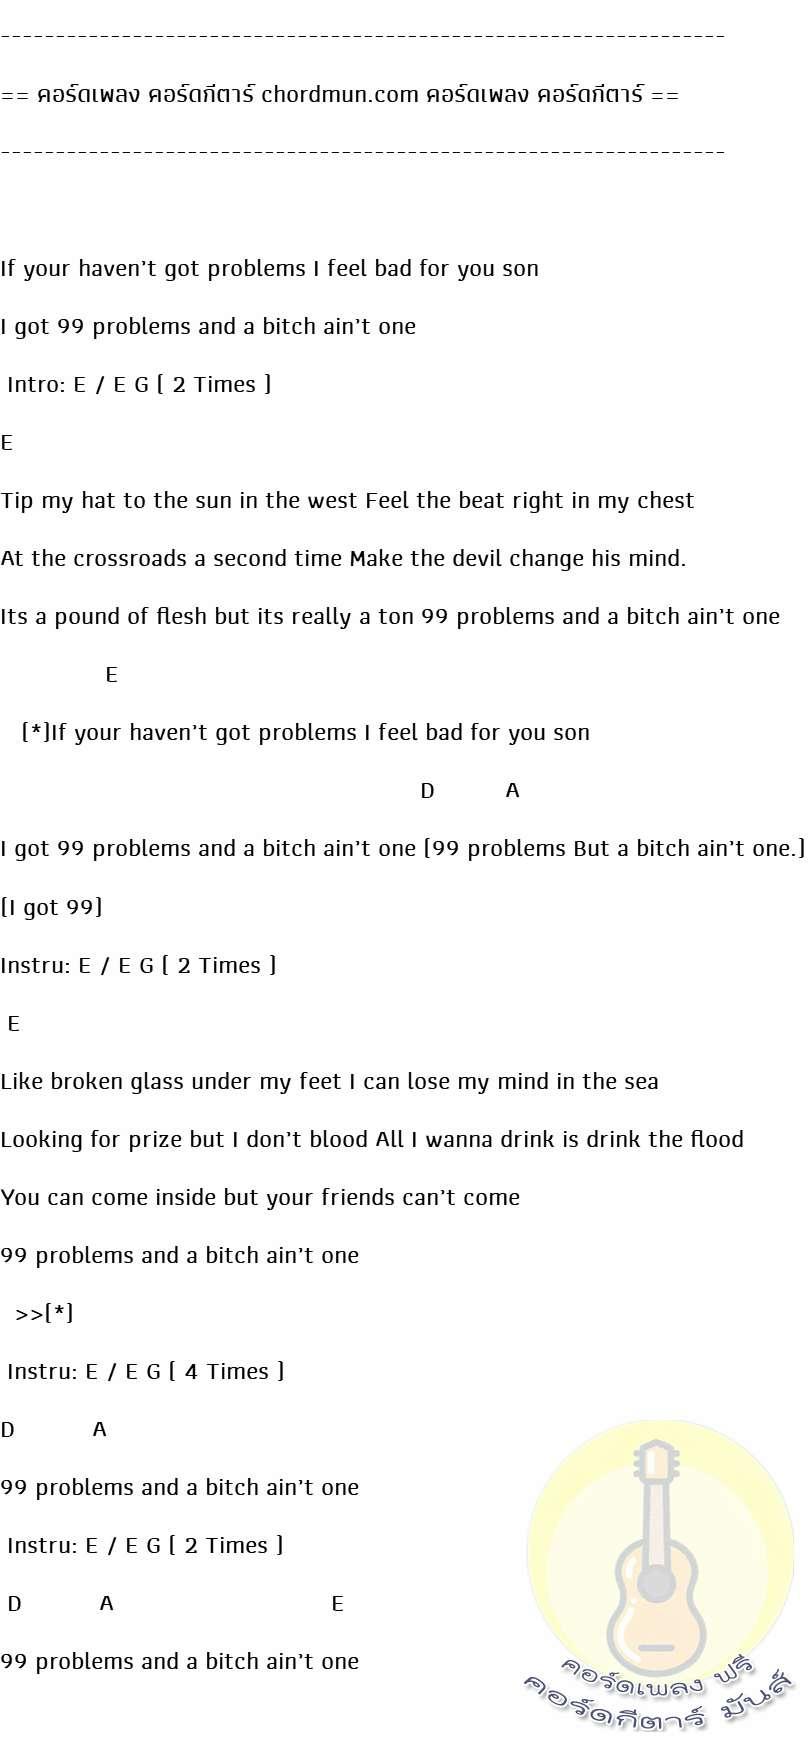 คอร์ดกีต้าโปร่ง  เพลง 99 problems